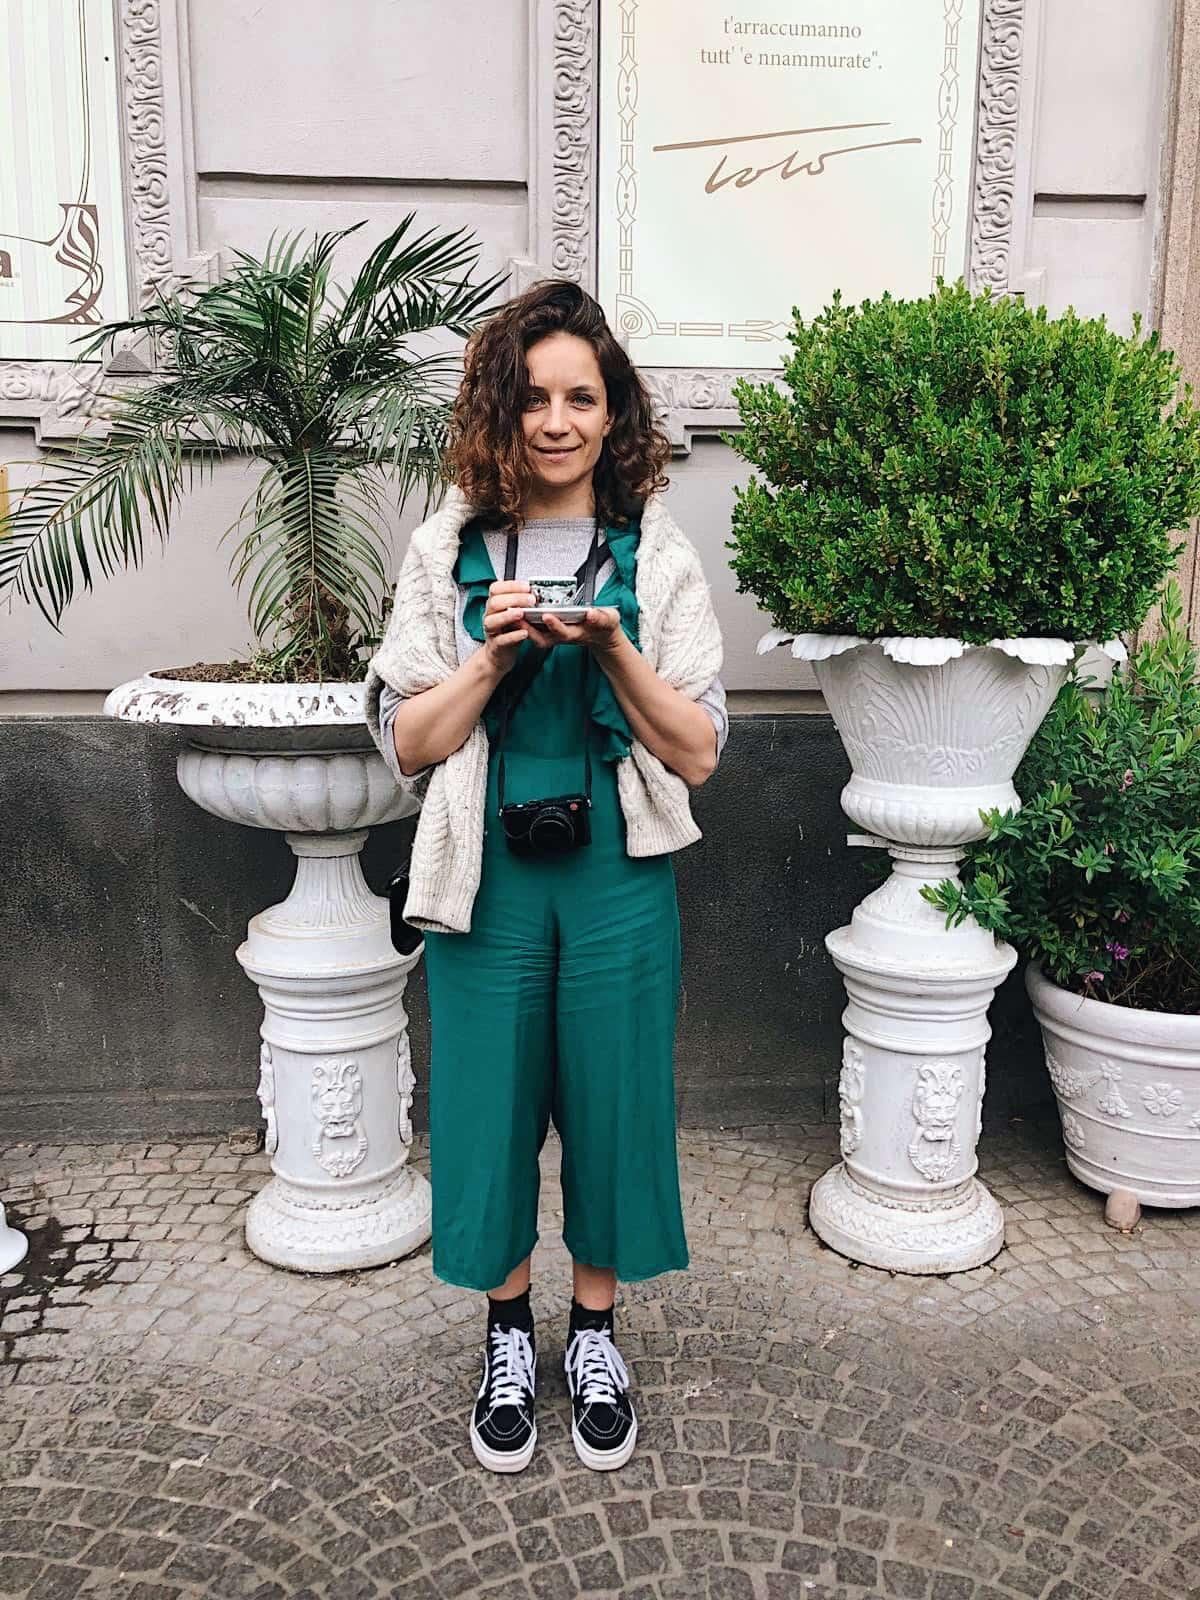 A La French Food, les meilleurs cafés de Naples avec NESCAFE Dolce Gusto